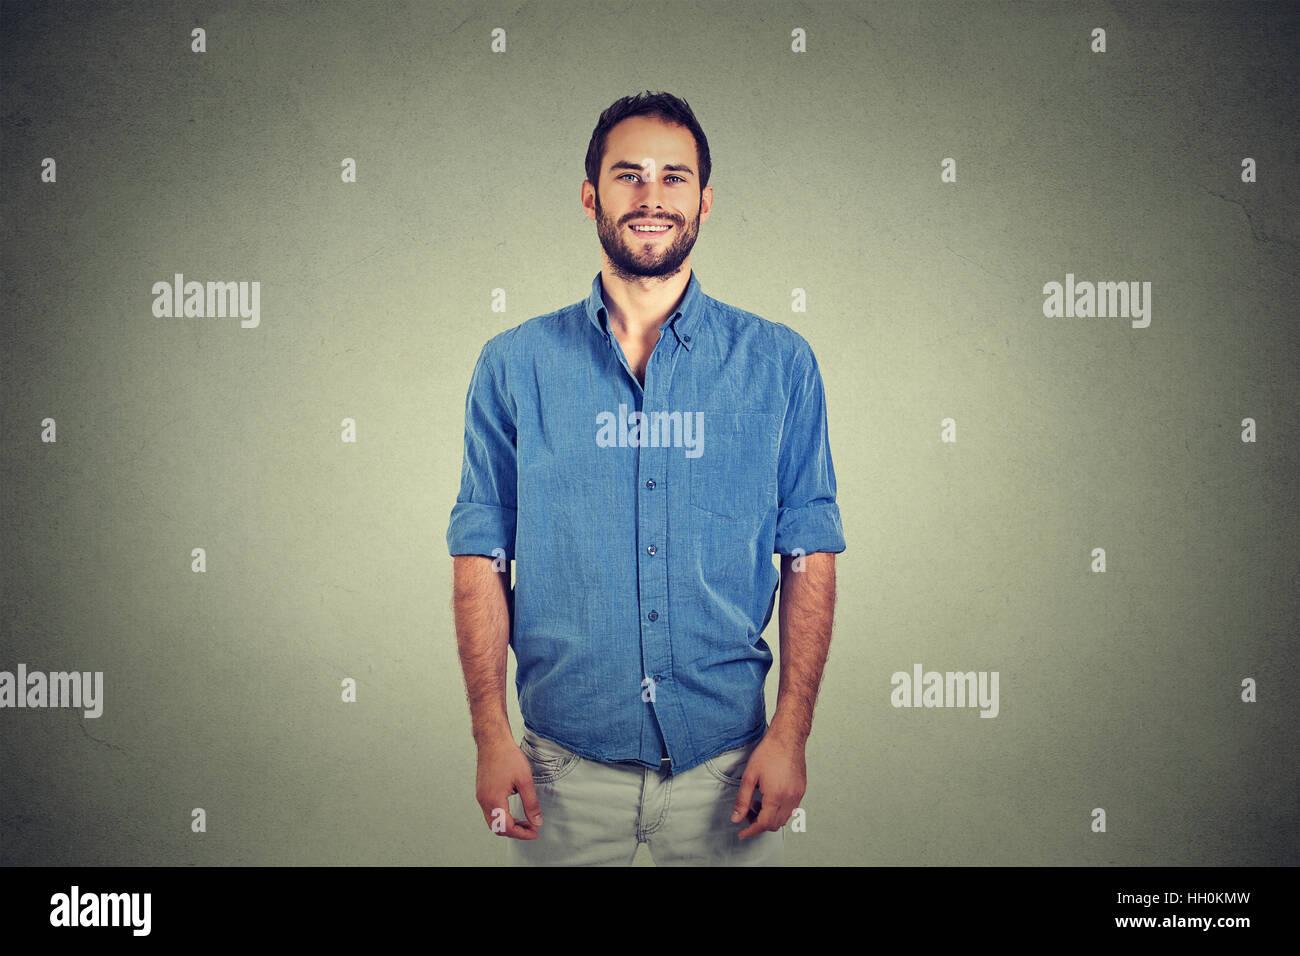 Retrato de un joven apuesto hombre sonriente aislados contra la pared gris antecedentes Imagen De Stock